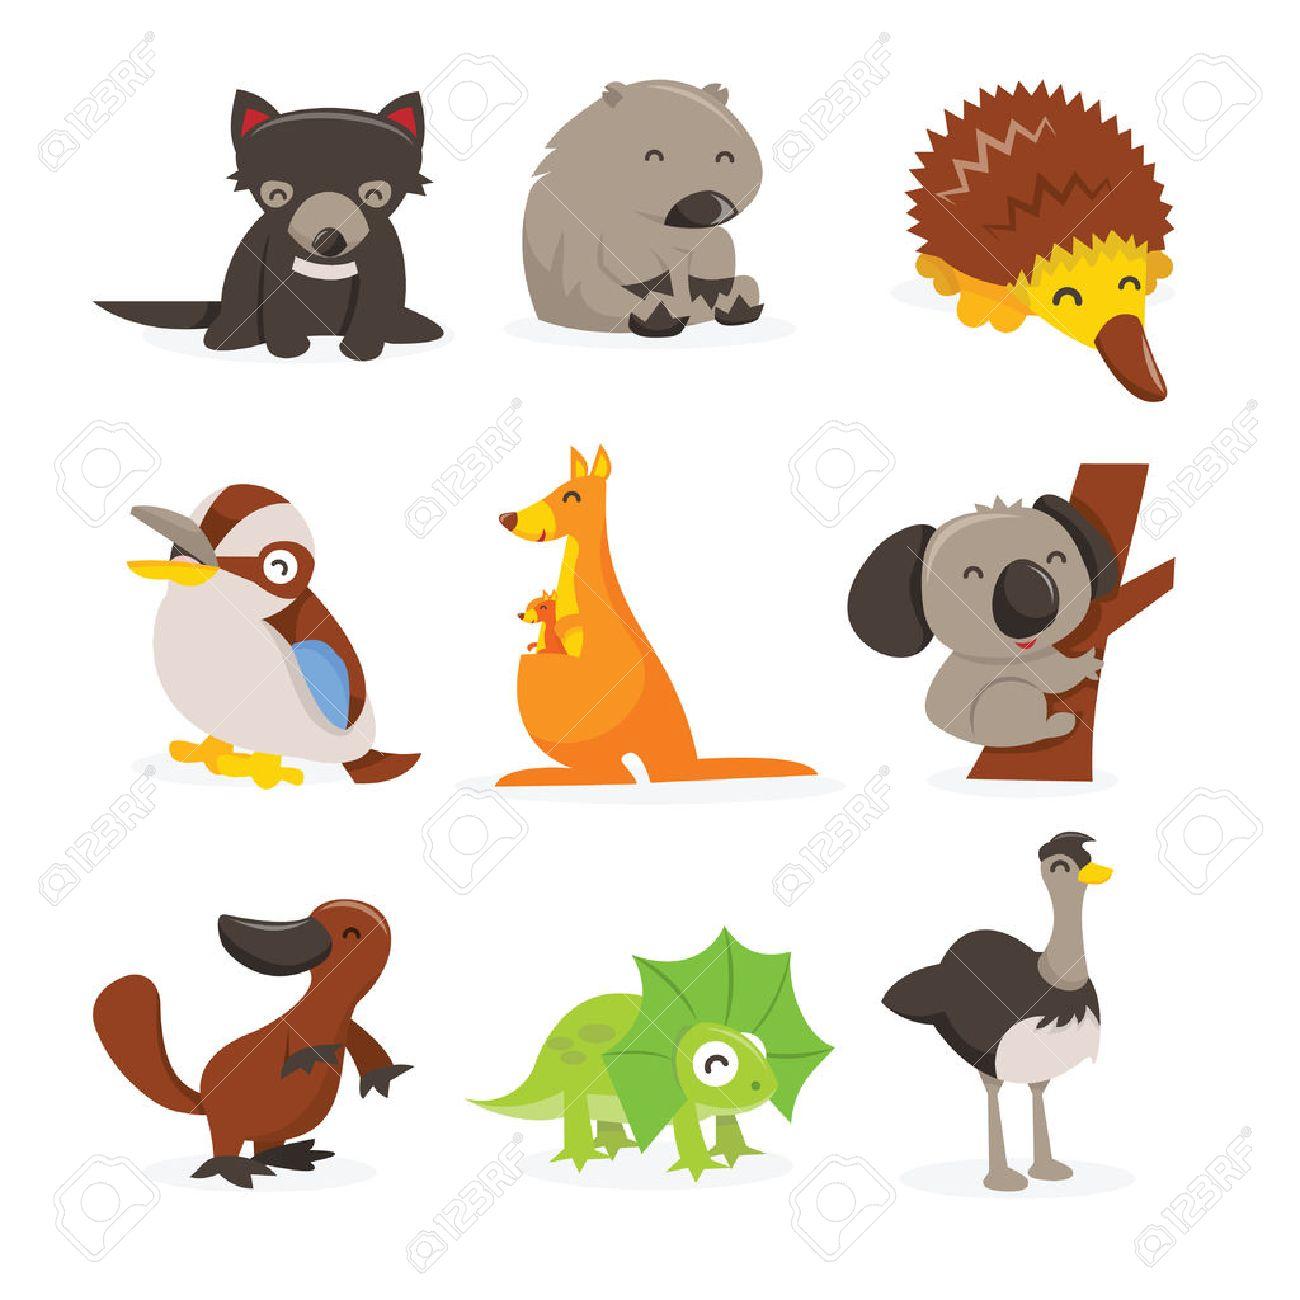 かわいい幸せなオーストラリアの動物アイコンの漫画のベクトル図を設定